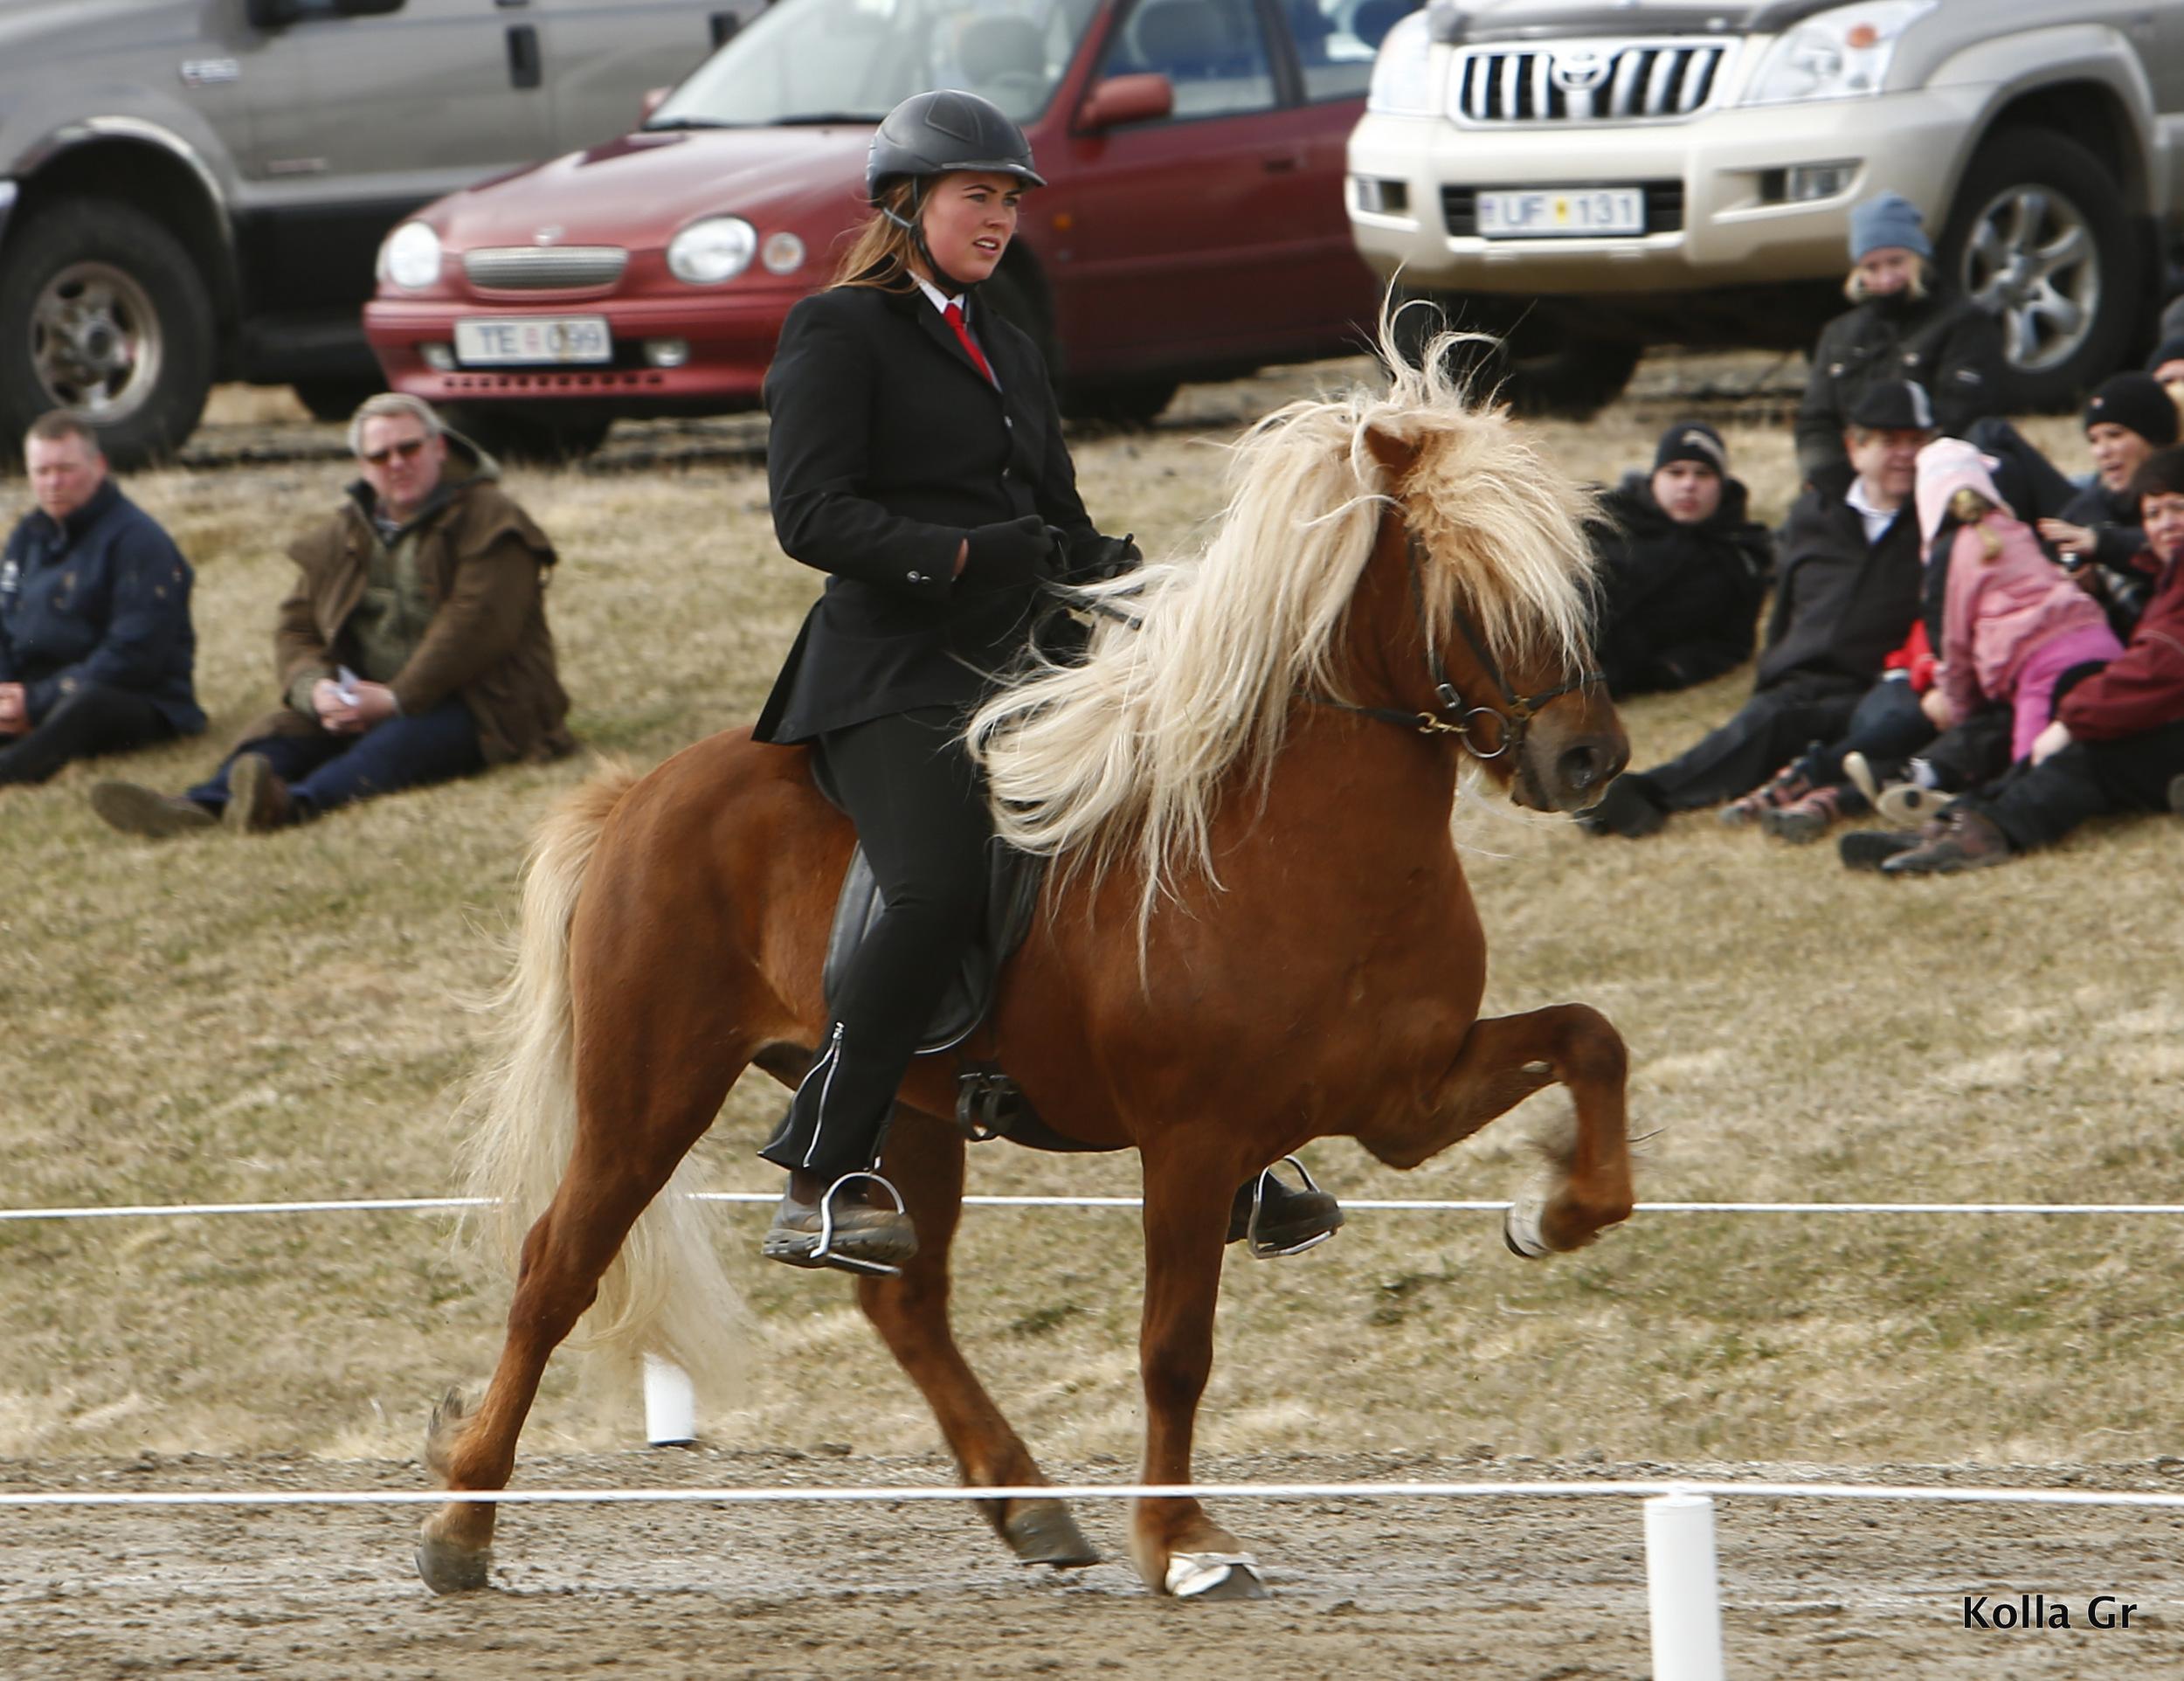 Hekla Katharína riding Jarl frá Árbæjarhjáleigu II